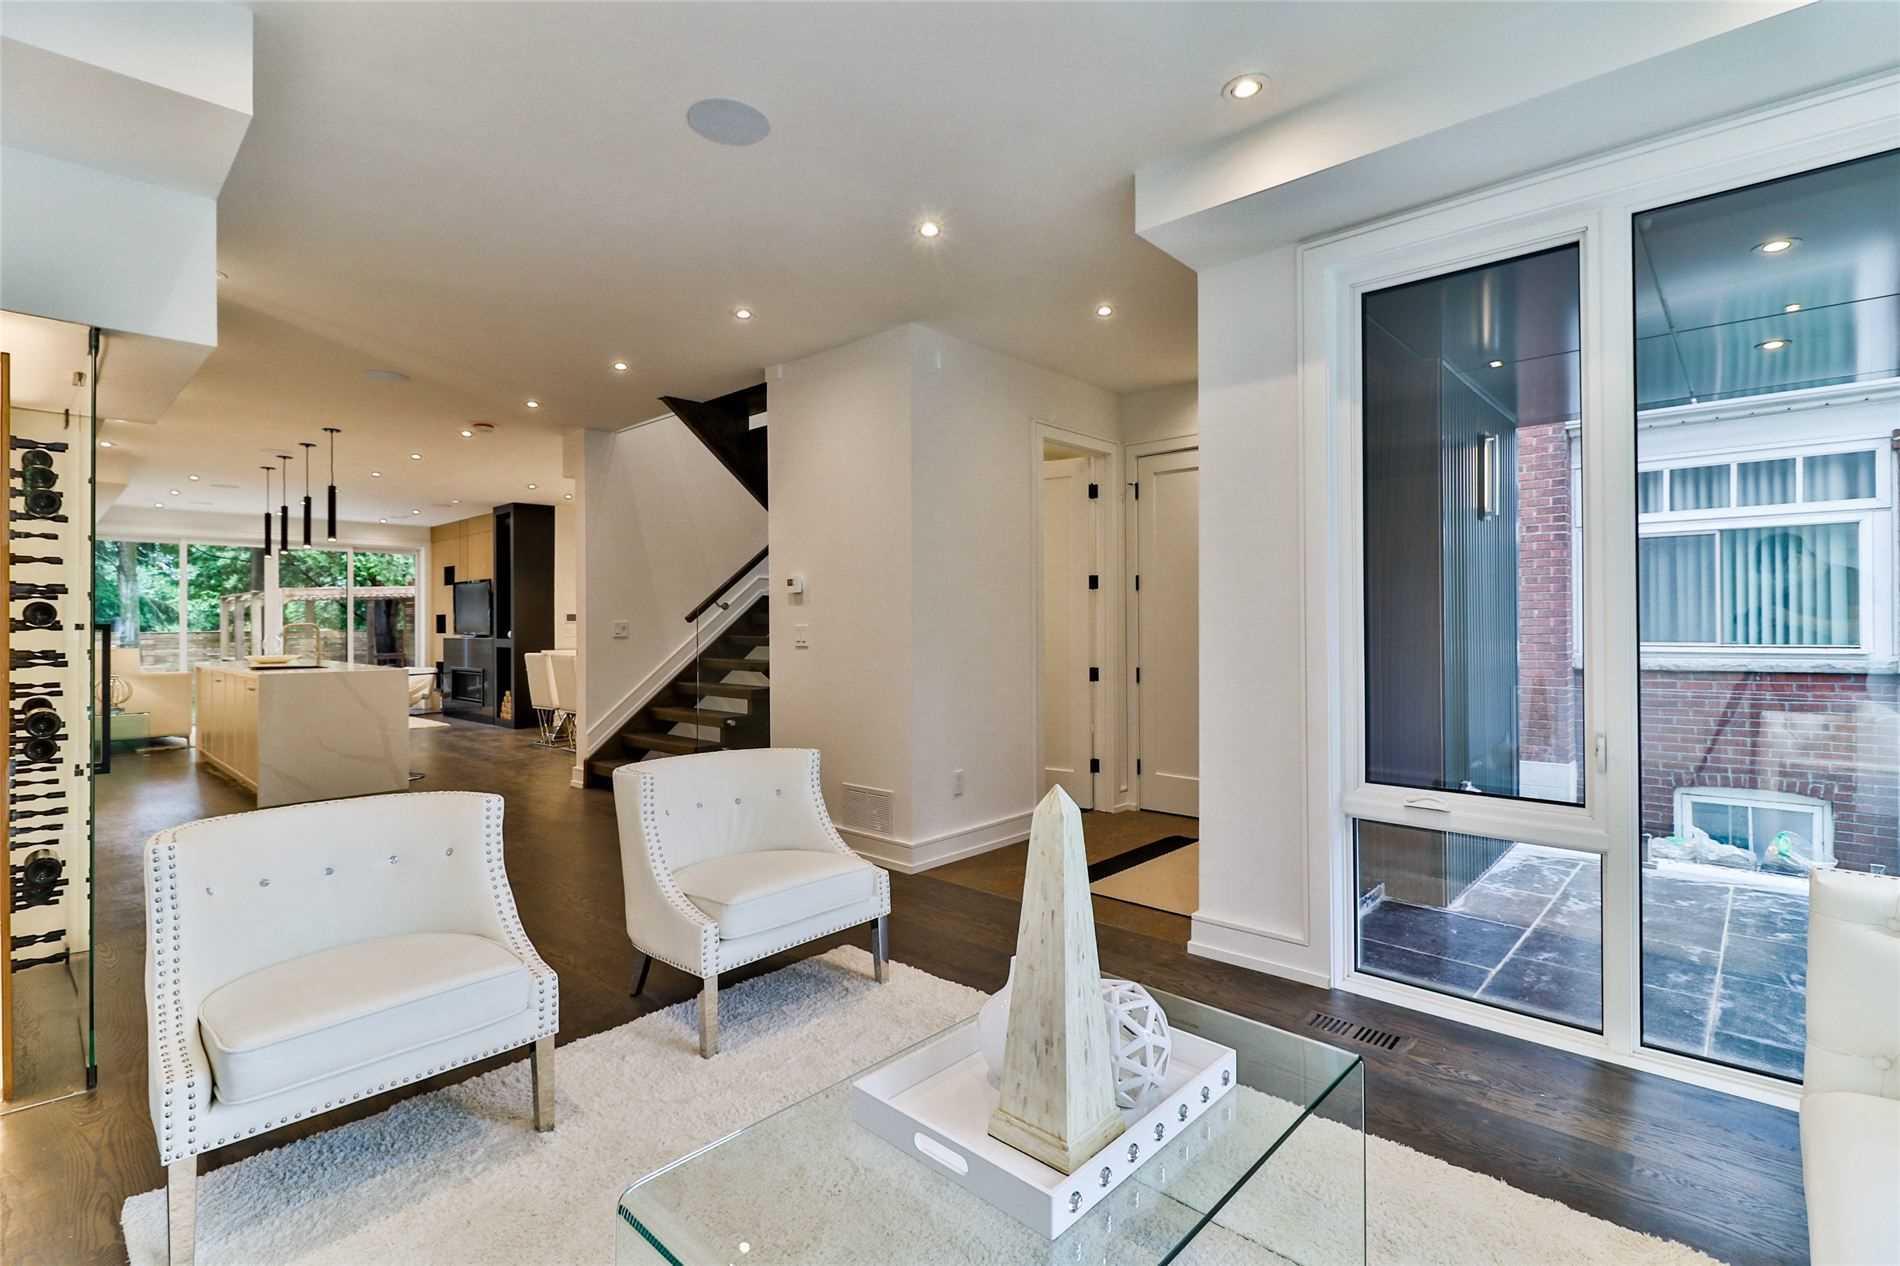 282 Windermere Ave Property - Steve Jelenic Toronto